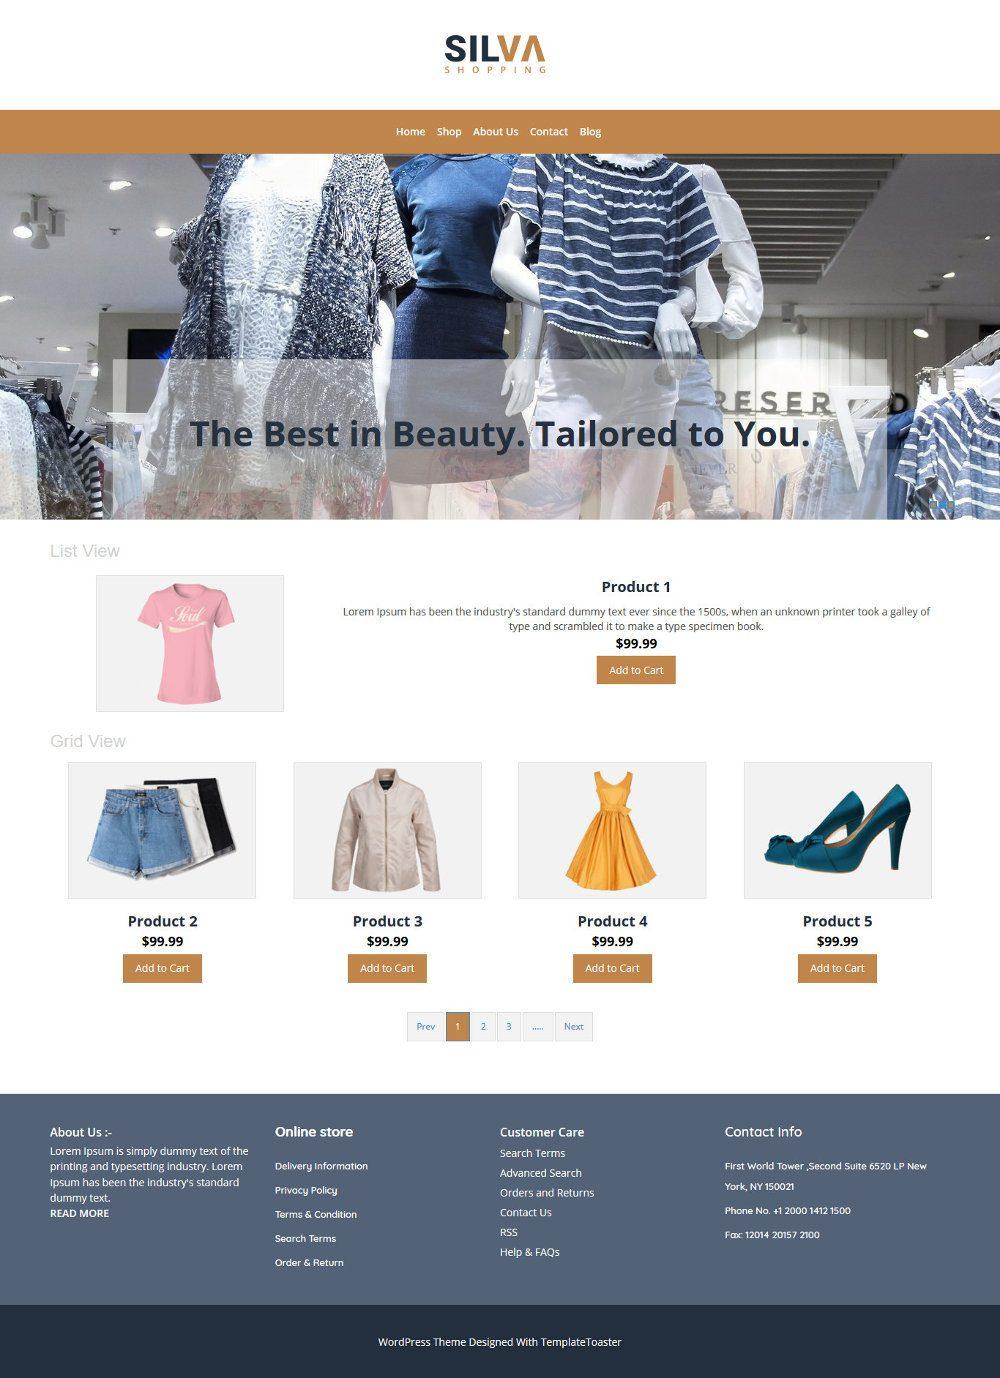 Silva Clothing Store WooCommerce Theme